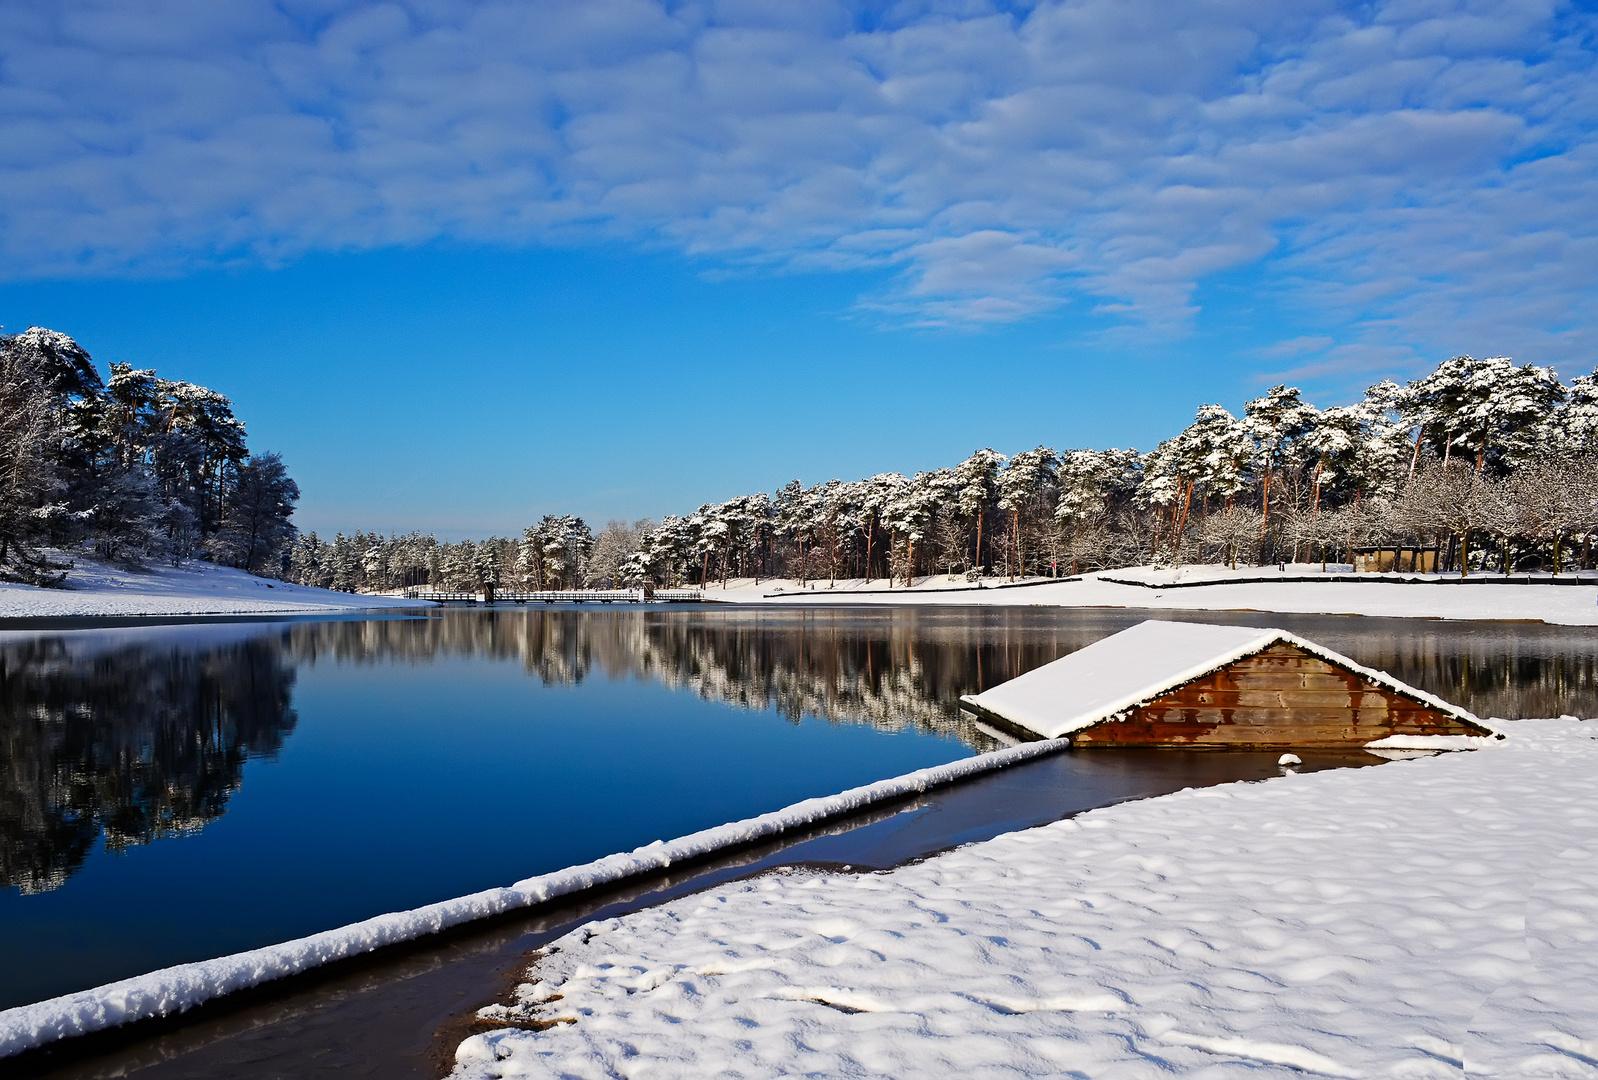 Winter at Henschotermeer